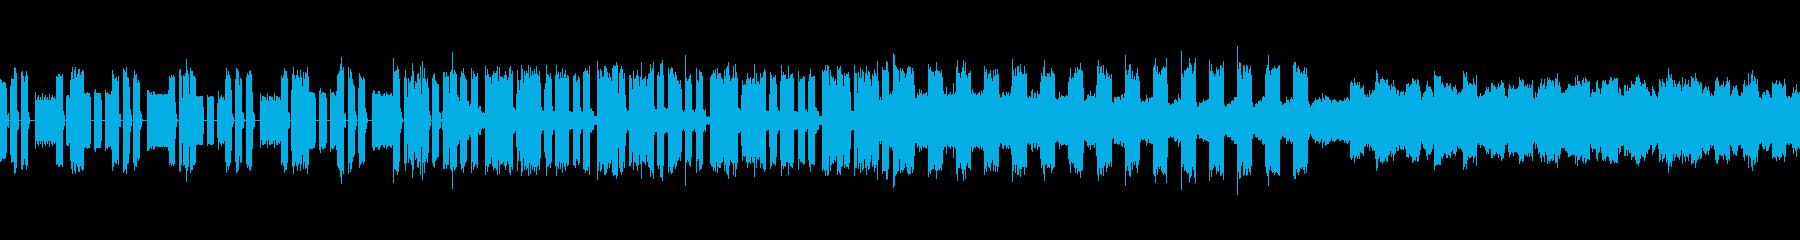 【リズム抜】ハードなトランスの再生済みの波形